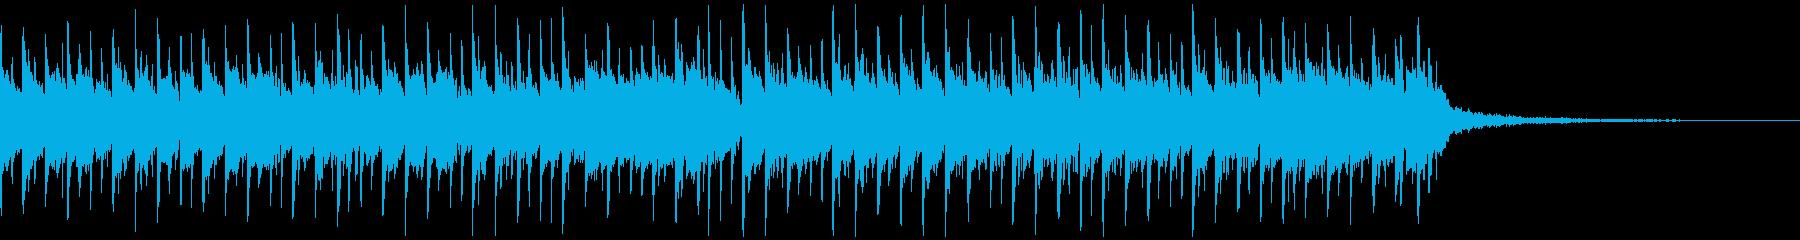 【30秒尺】かっこいい和風EDMの再生済みの波形